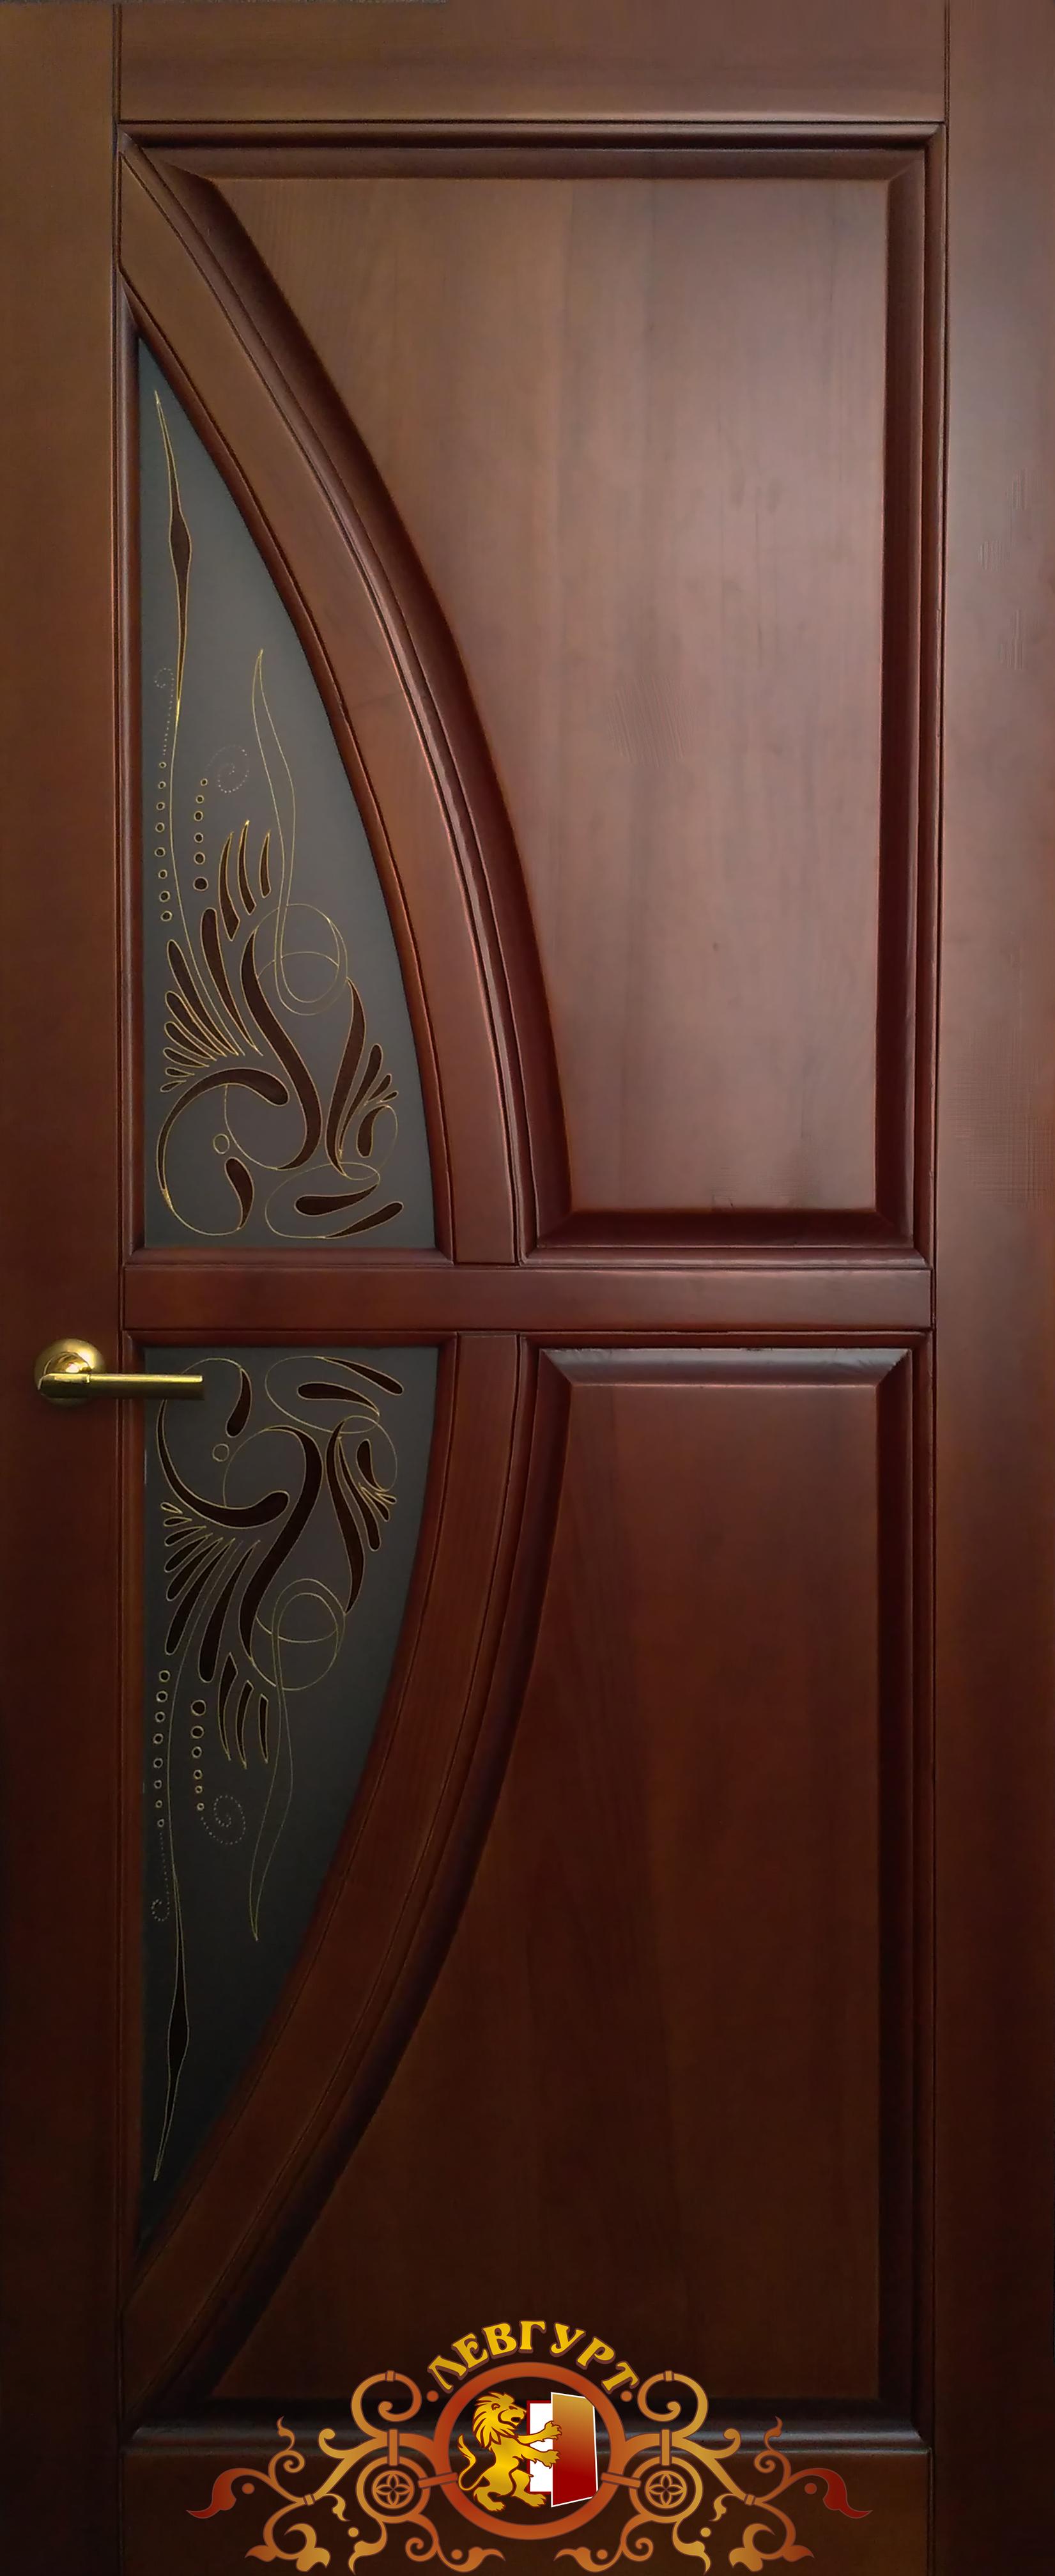 виготовляємо деревяні міжкімнатні двері сосна вільха двері